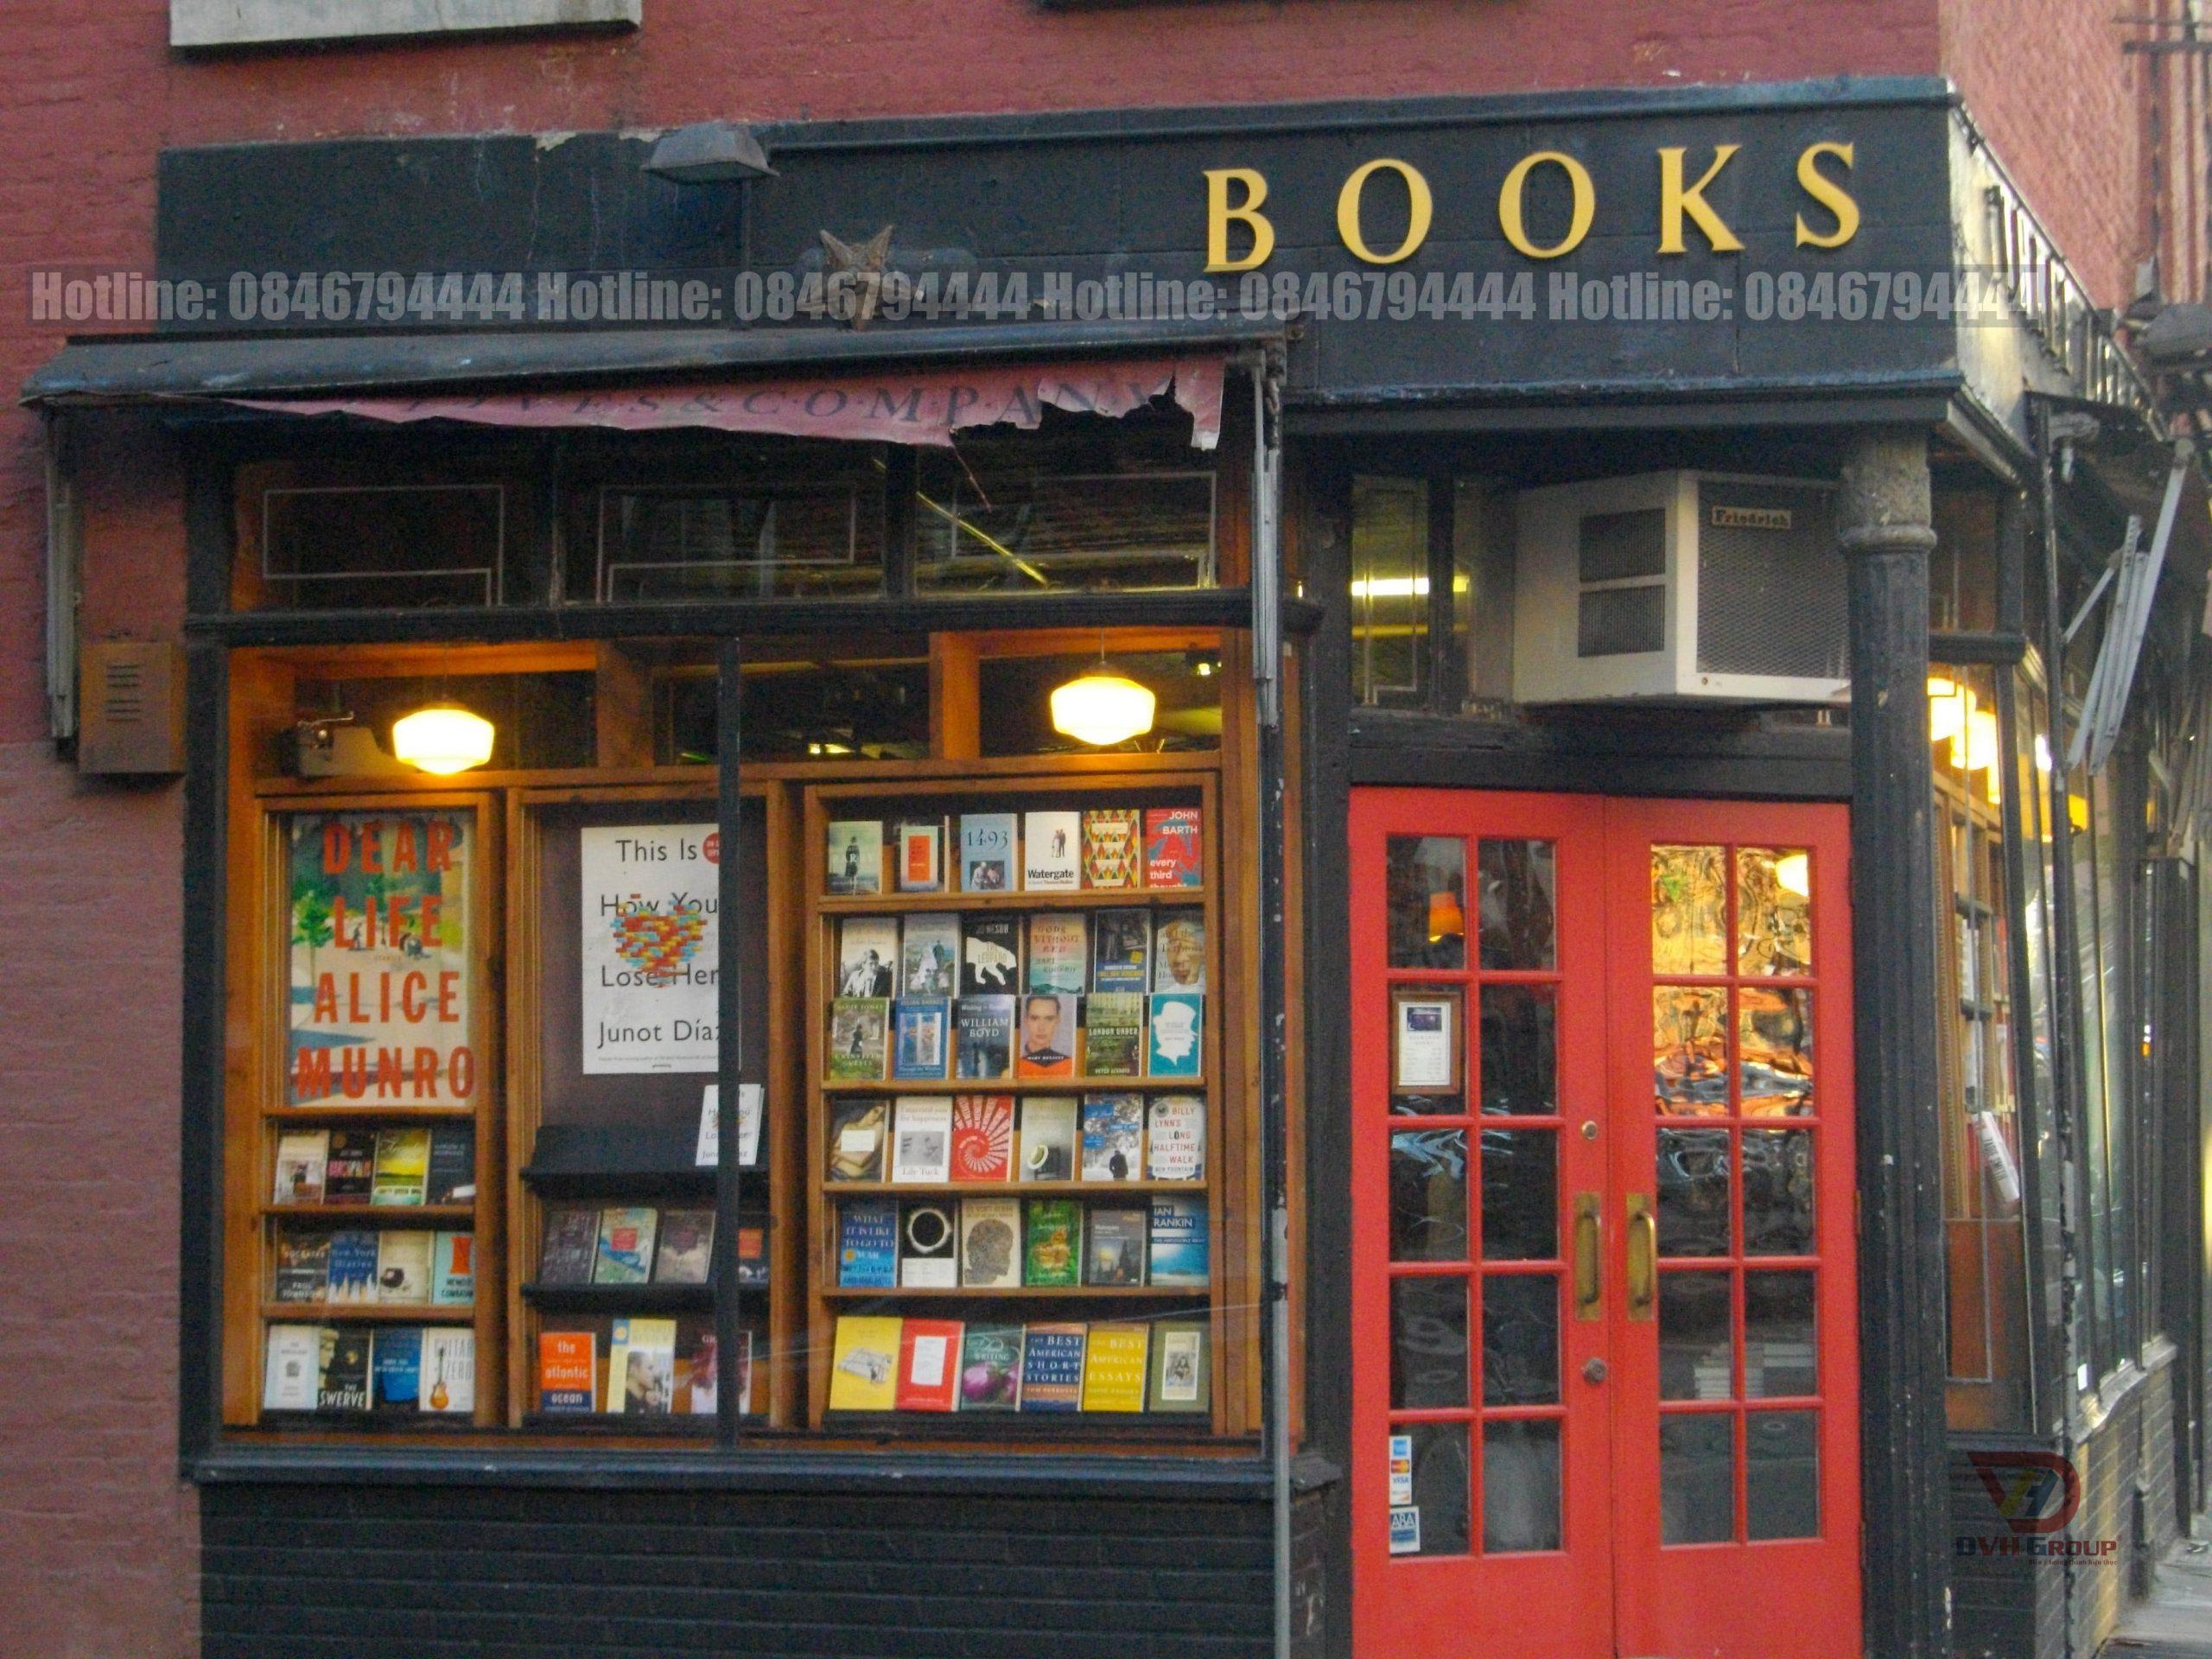 Bảng hiệu của cửa hàng sách